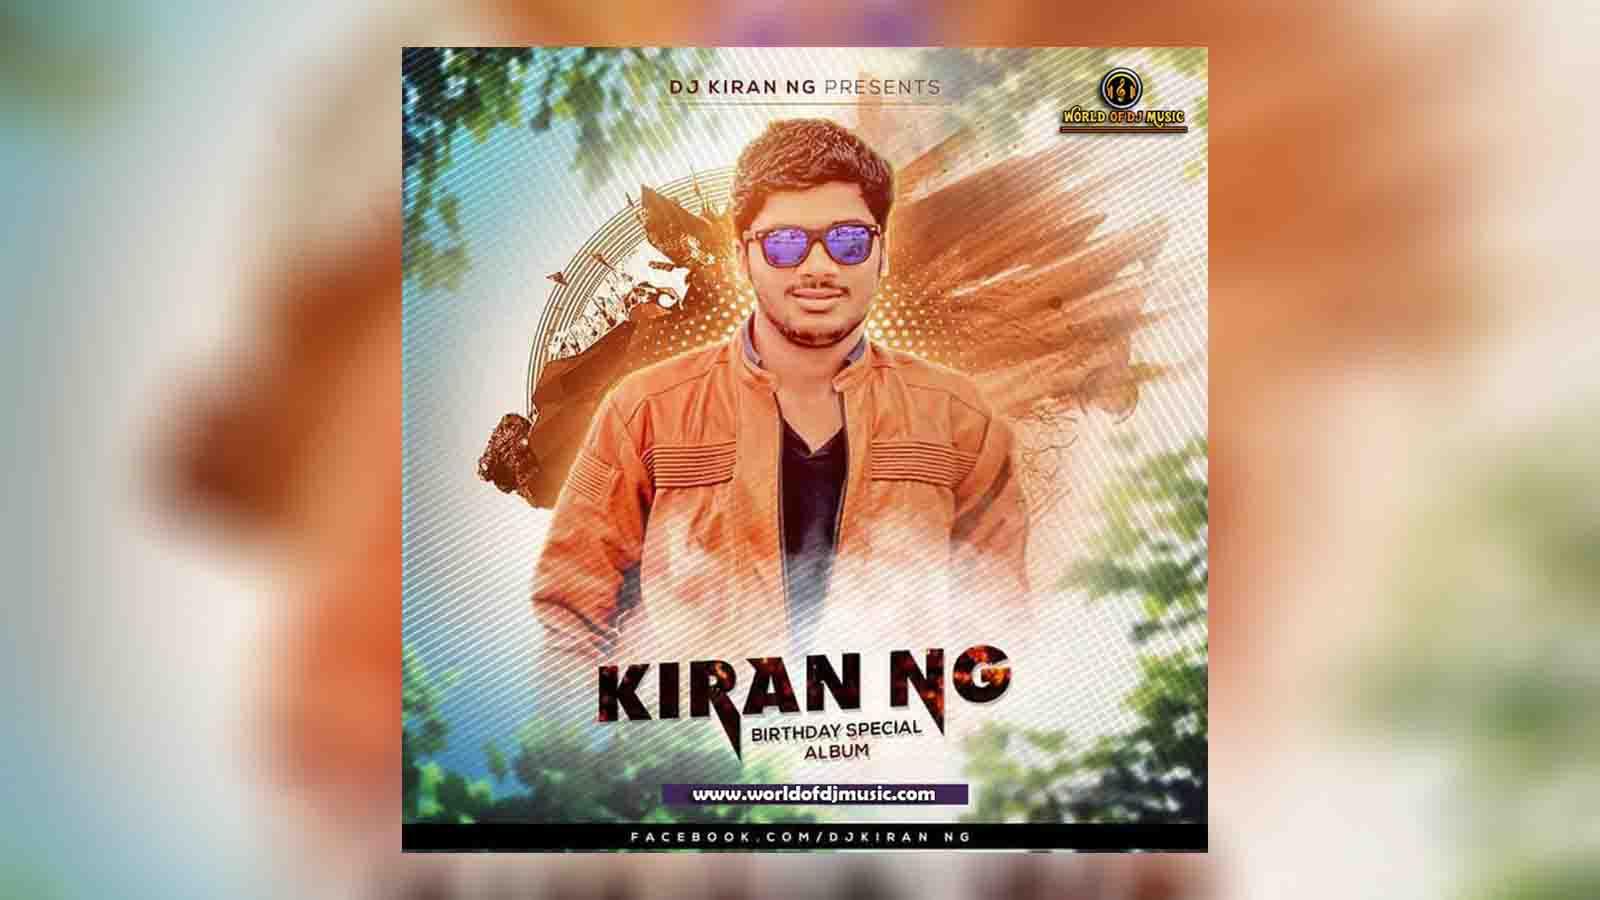 Phir Bhi Tumko Chaunga - Dj Kiran NG & Dj Manoj Mumbai